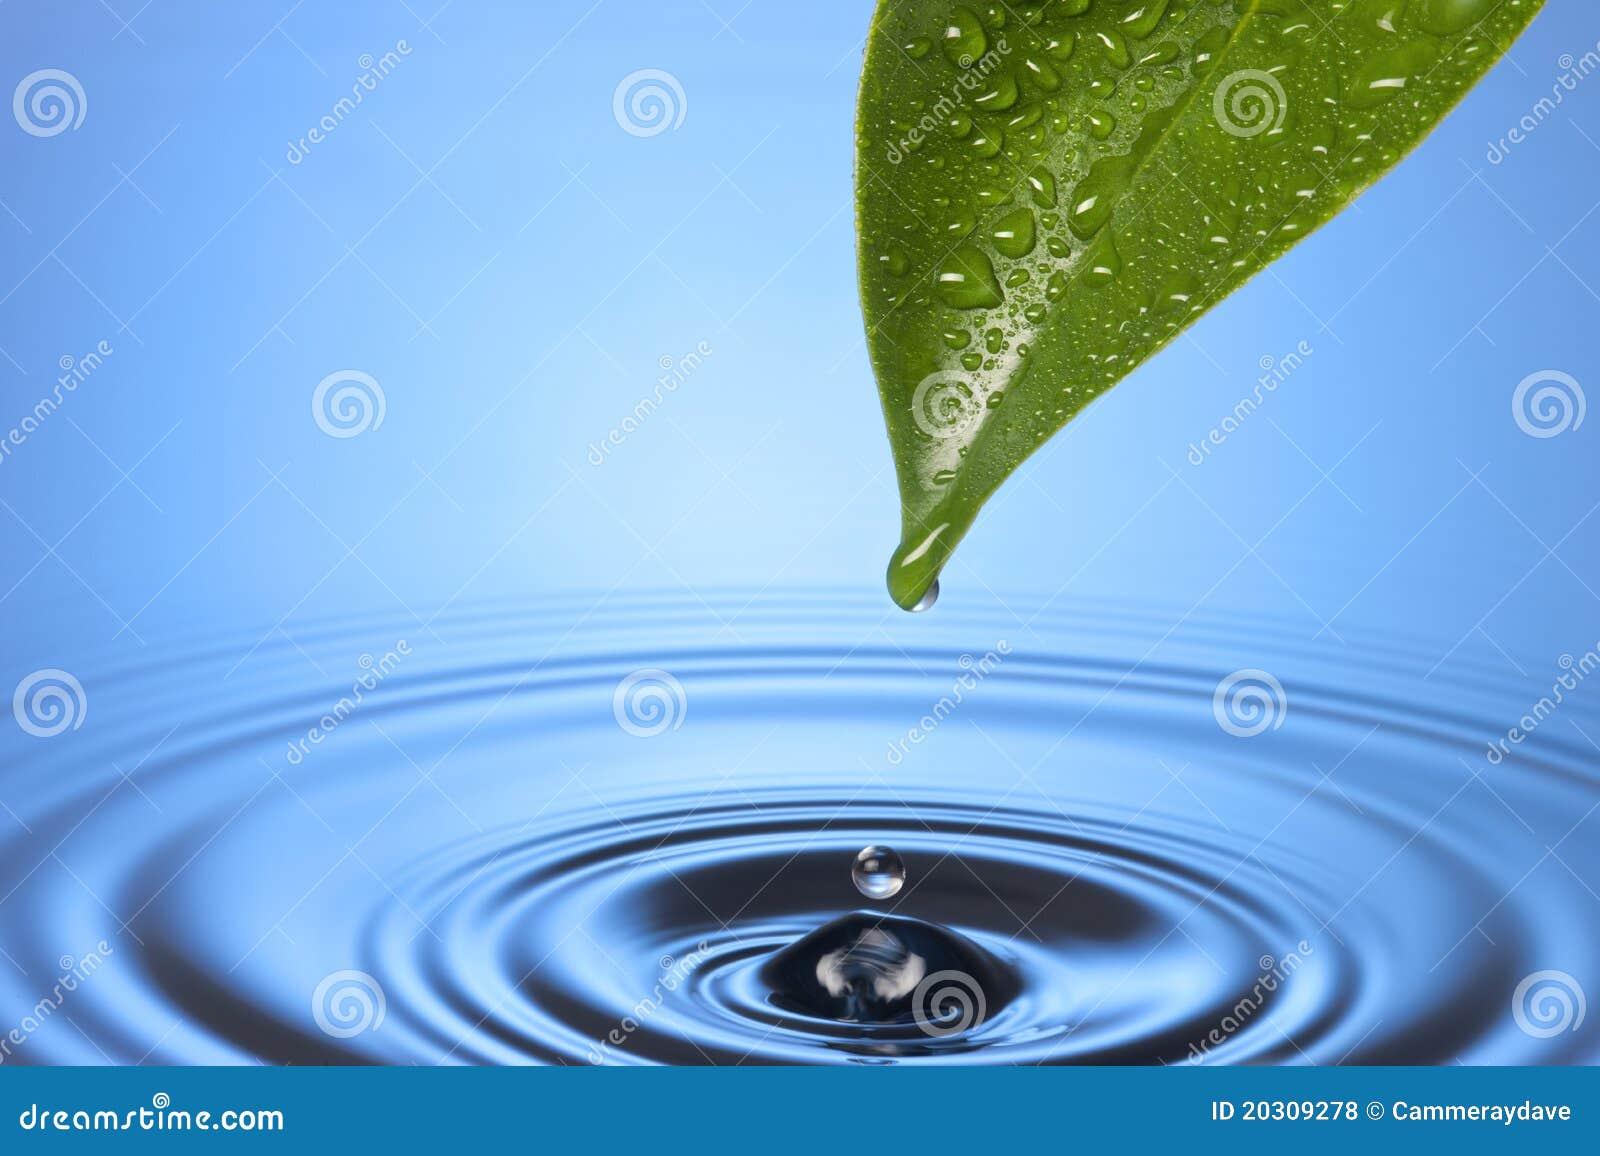 Wasser-Tropfen-Blatt-Kräuselungen